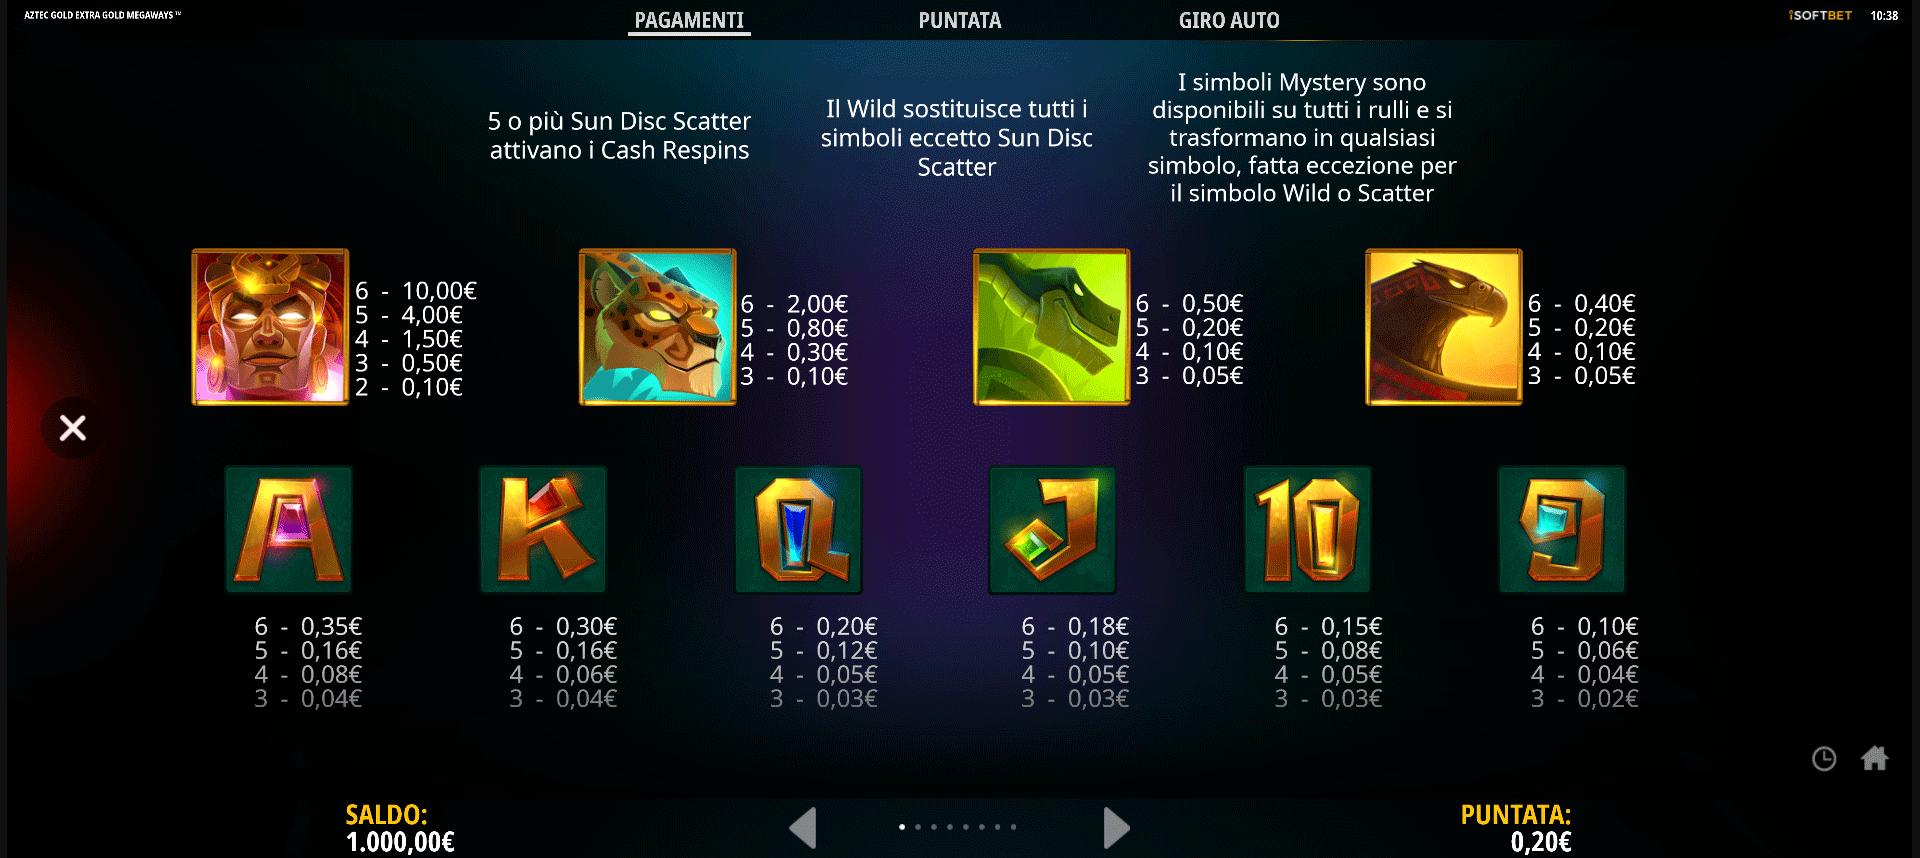 tabella dei pagamenti della slot machine aztec gold extra gold megaways